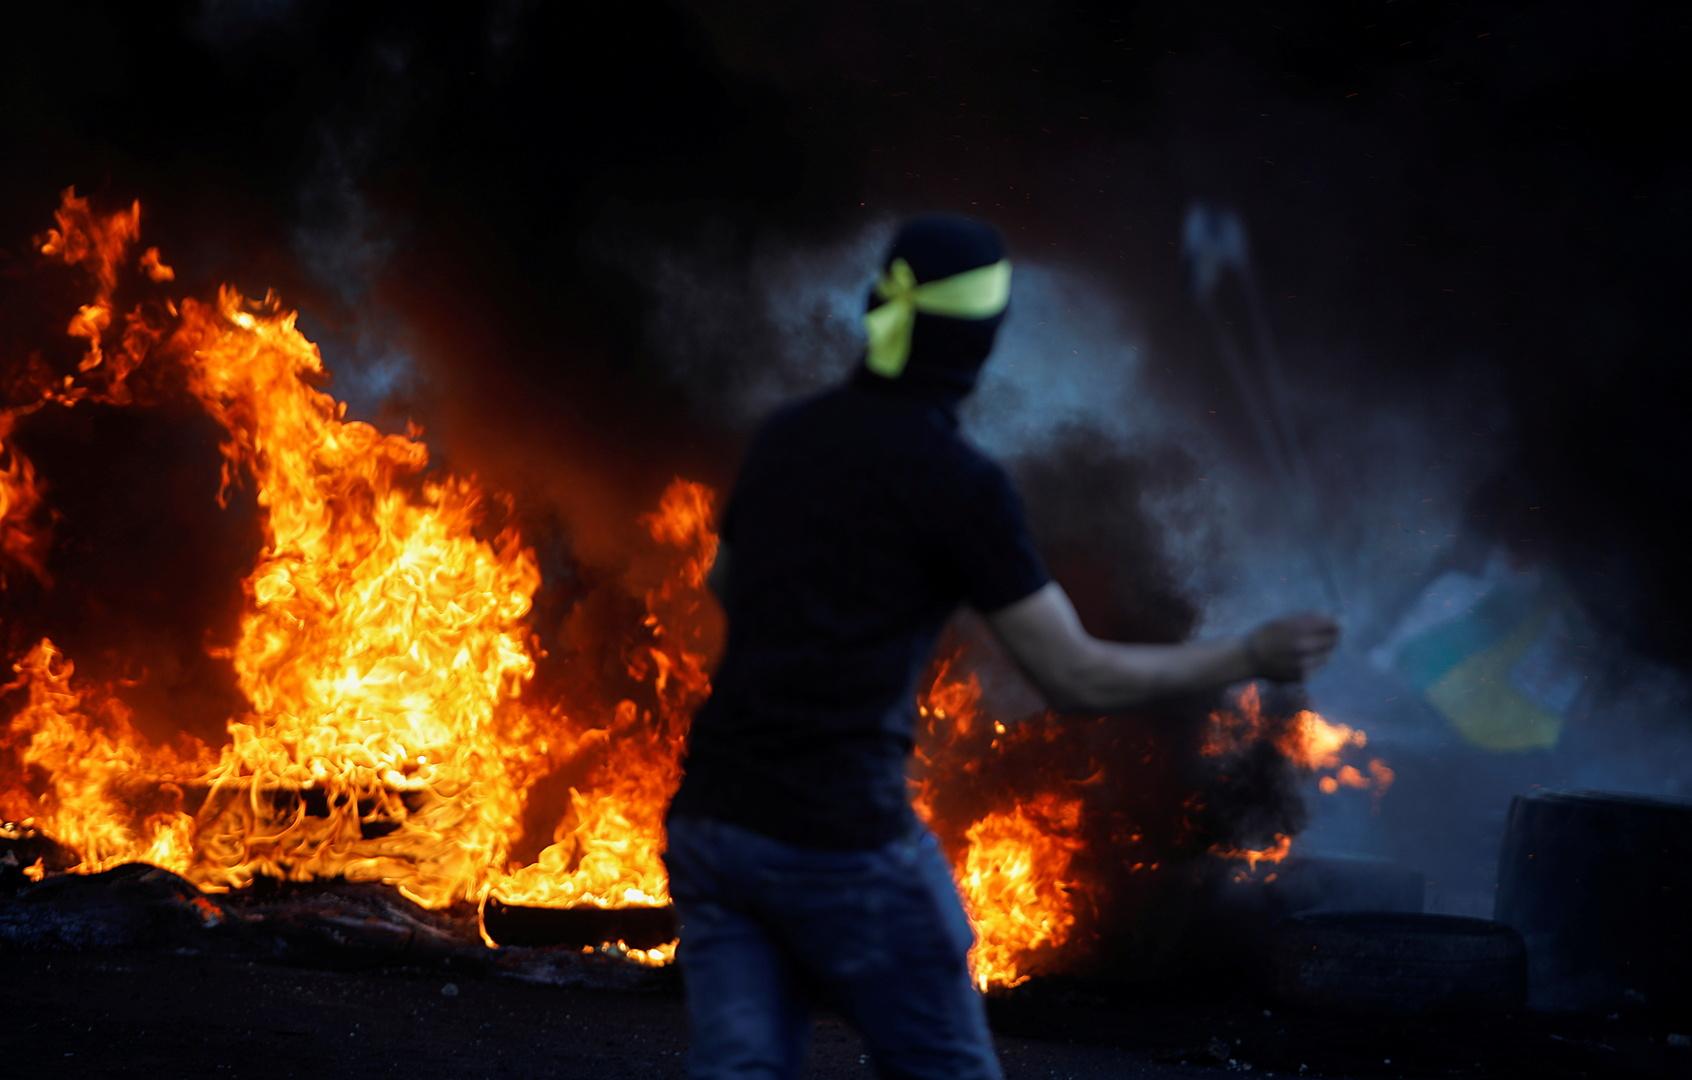 مقتل 4 فلسطينيين وإصابة أكثر من 1400 بالضفة الغربية والقدس في